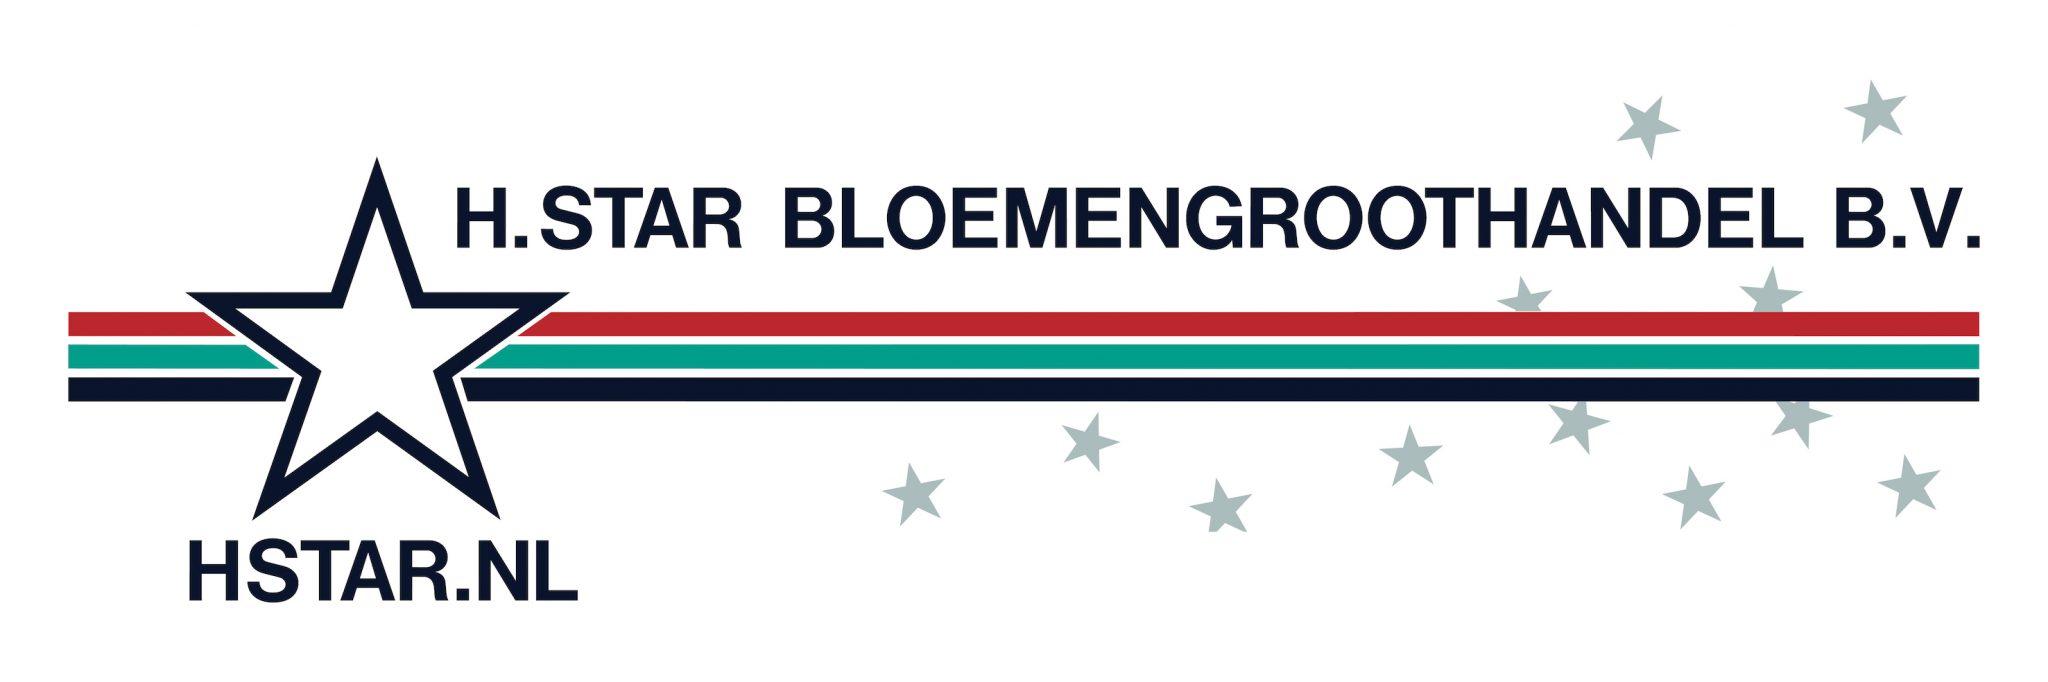 Voorbeschouwing Valken'68 – Velo, zaterdag 2 oktober 2021, aanvang 14.30 uur.